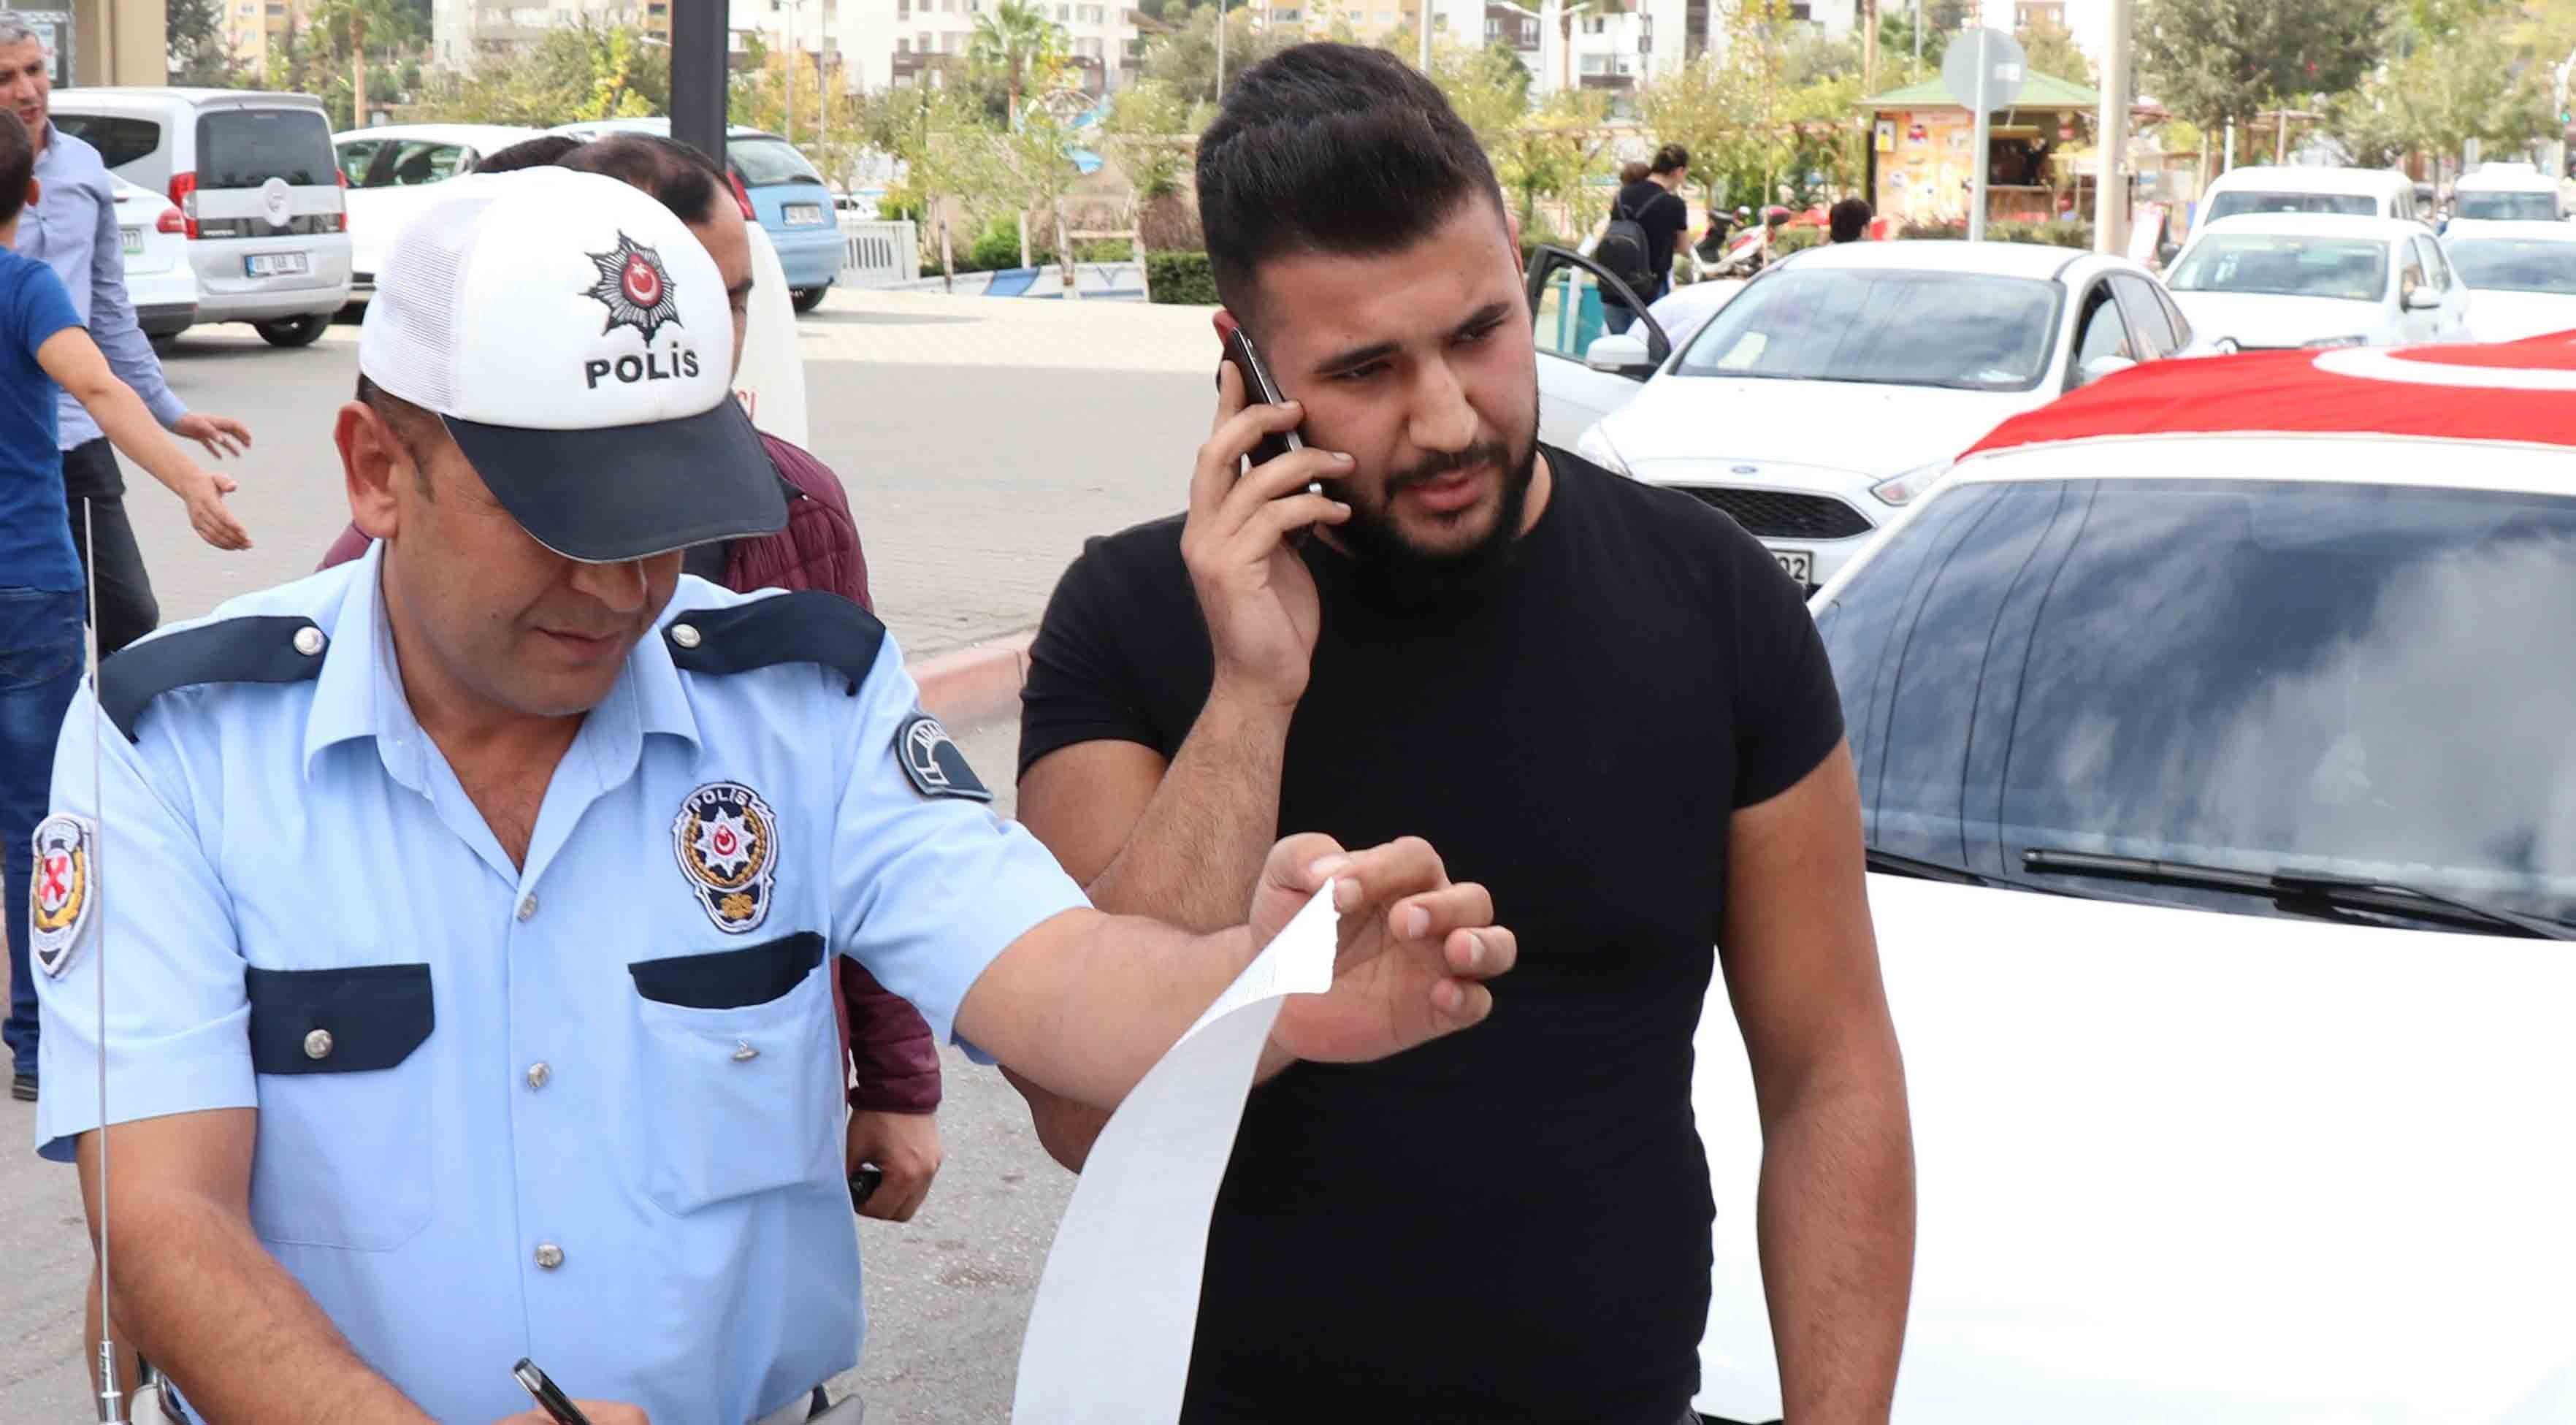 Adanalılar cam filmi yasağını protesto etti